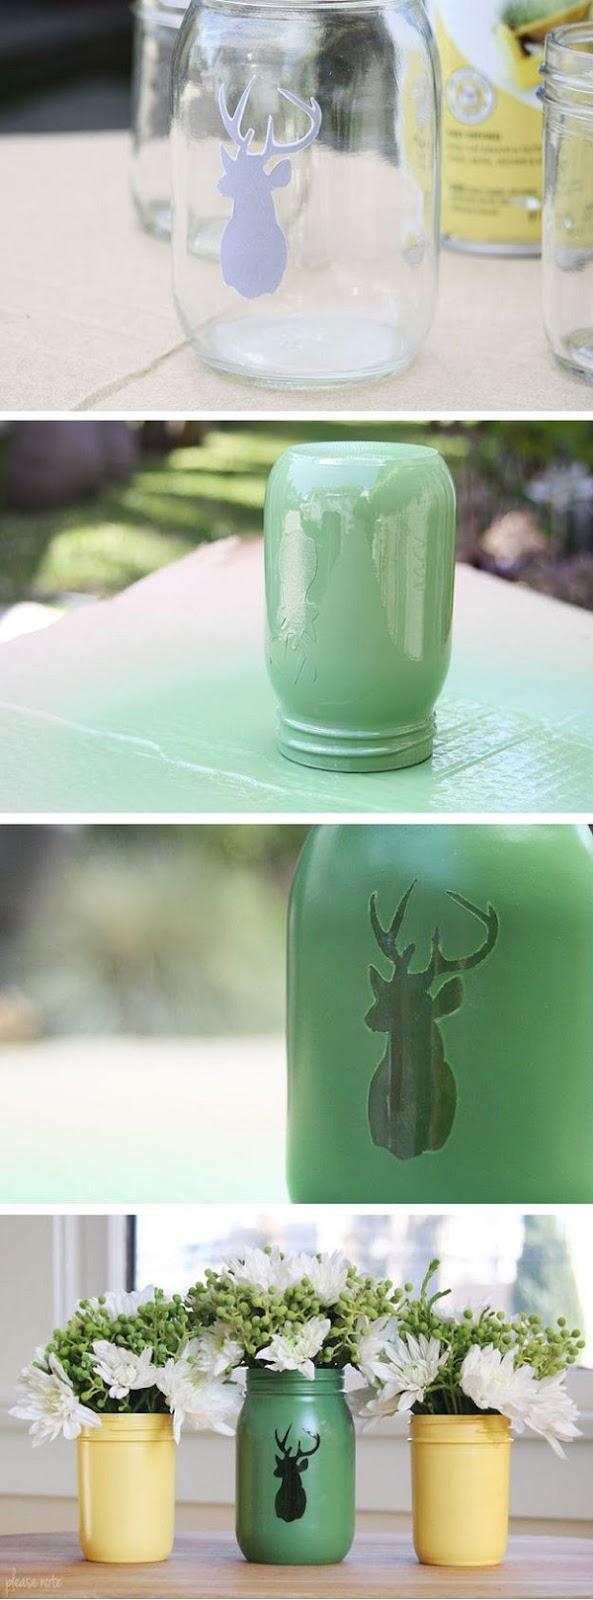 Διακοσμήστε γυάλινα μπουκάλια και βάζα με στυλ16